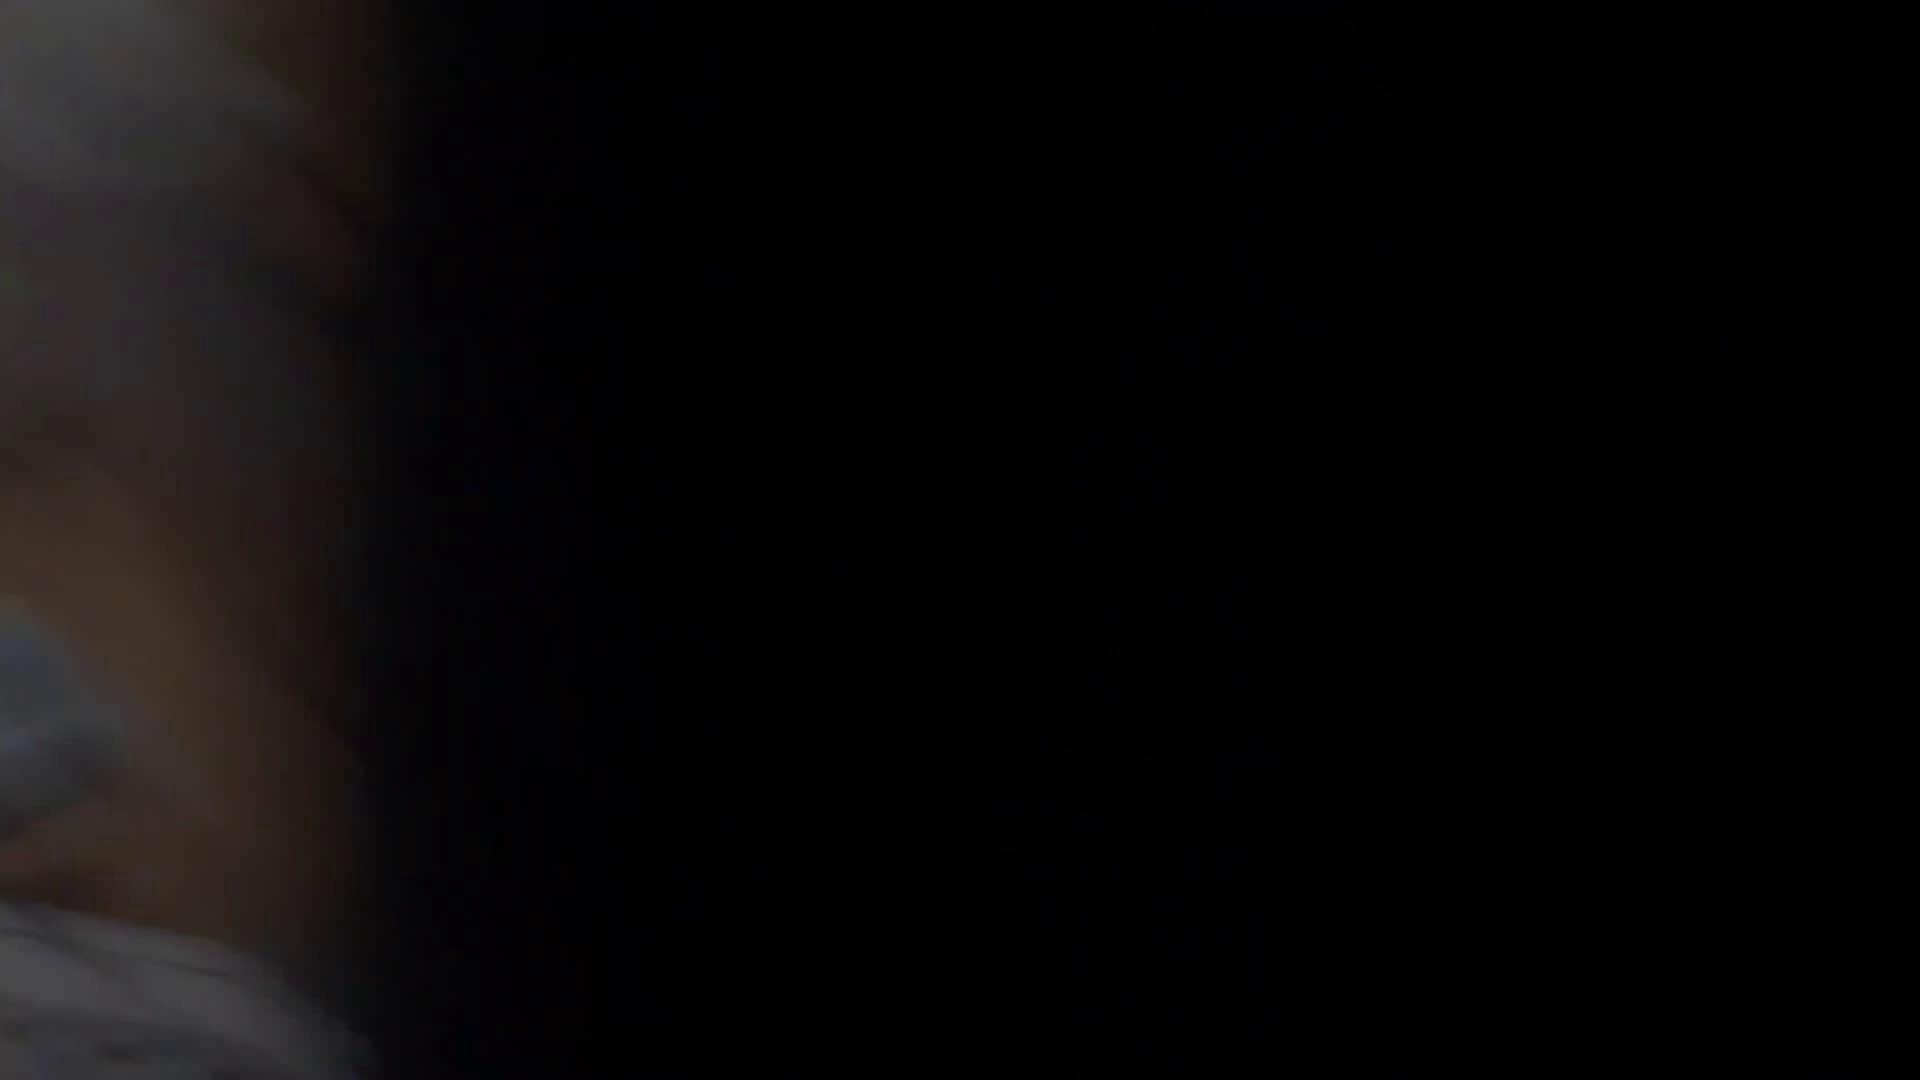 オナニーシリーズ Vol.16 ノンケのオナニー | 念願の完全無修正  43連発 25